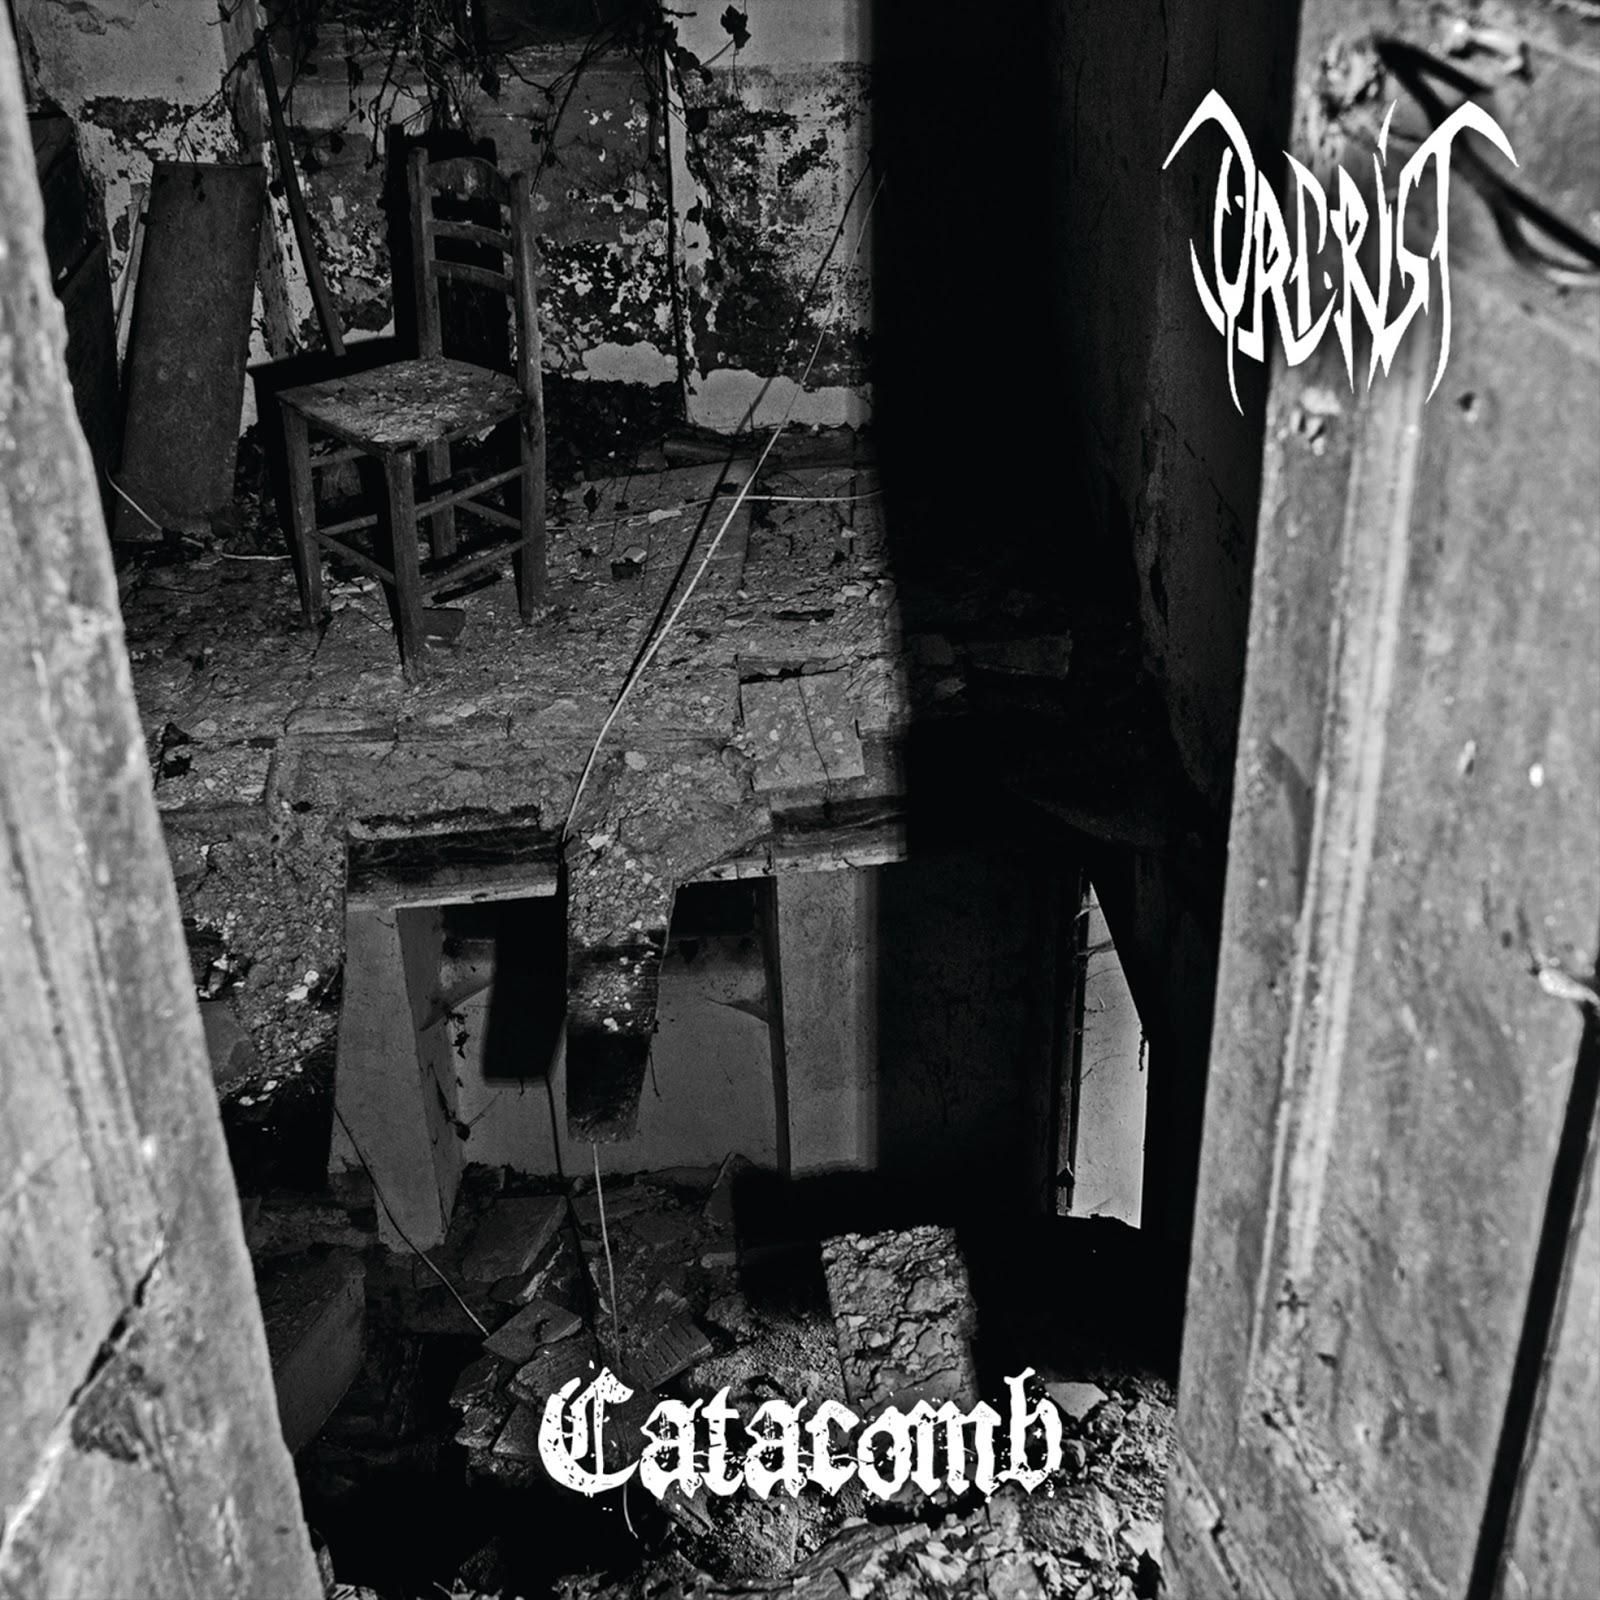 Catacomb: nuovo album per la band Orcrist